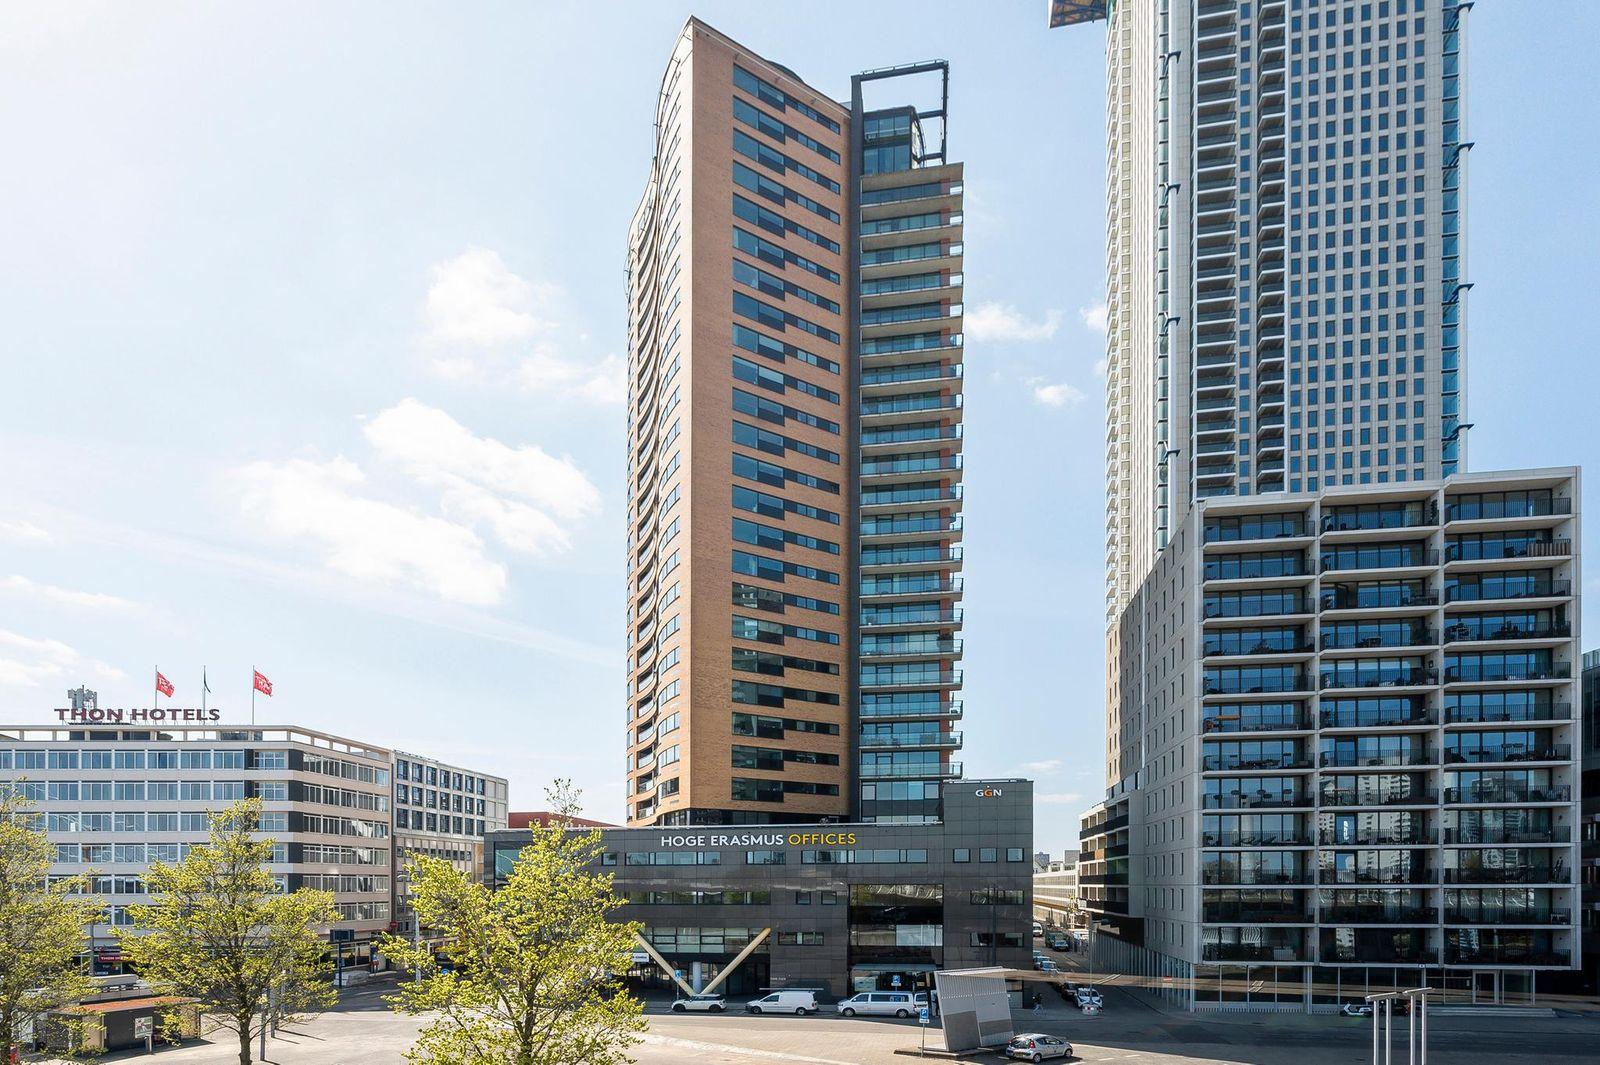 Willemsplein 538, Rotterdam